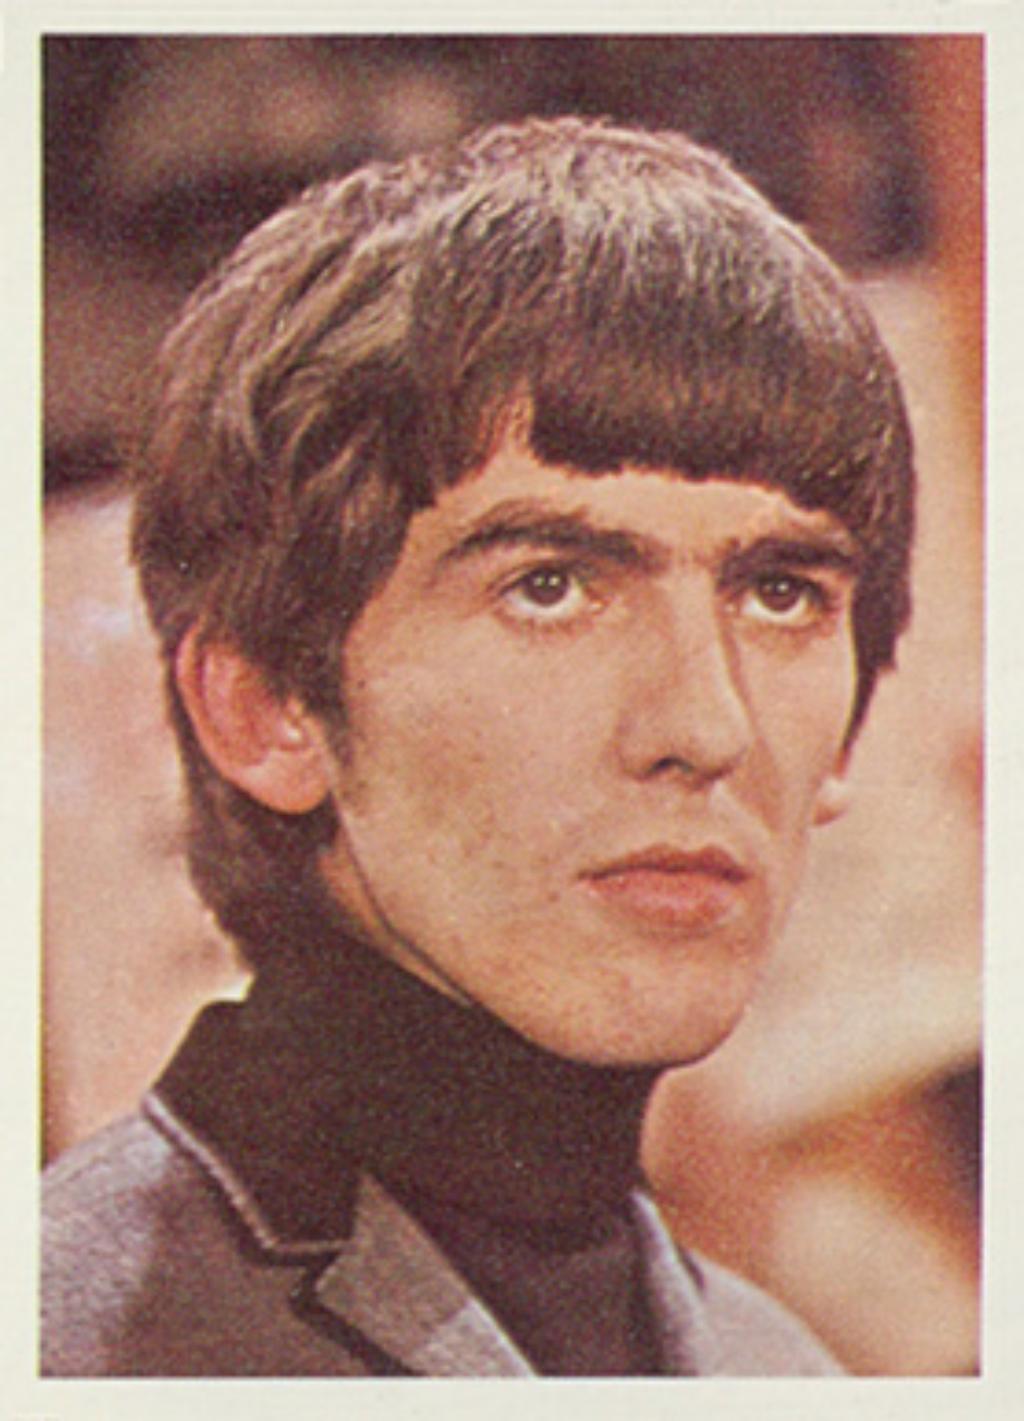 Non-Sport Cards - Pre-1970's